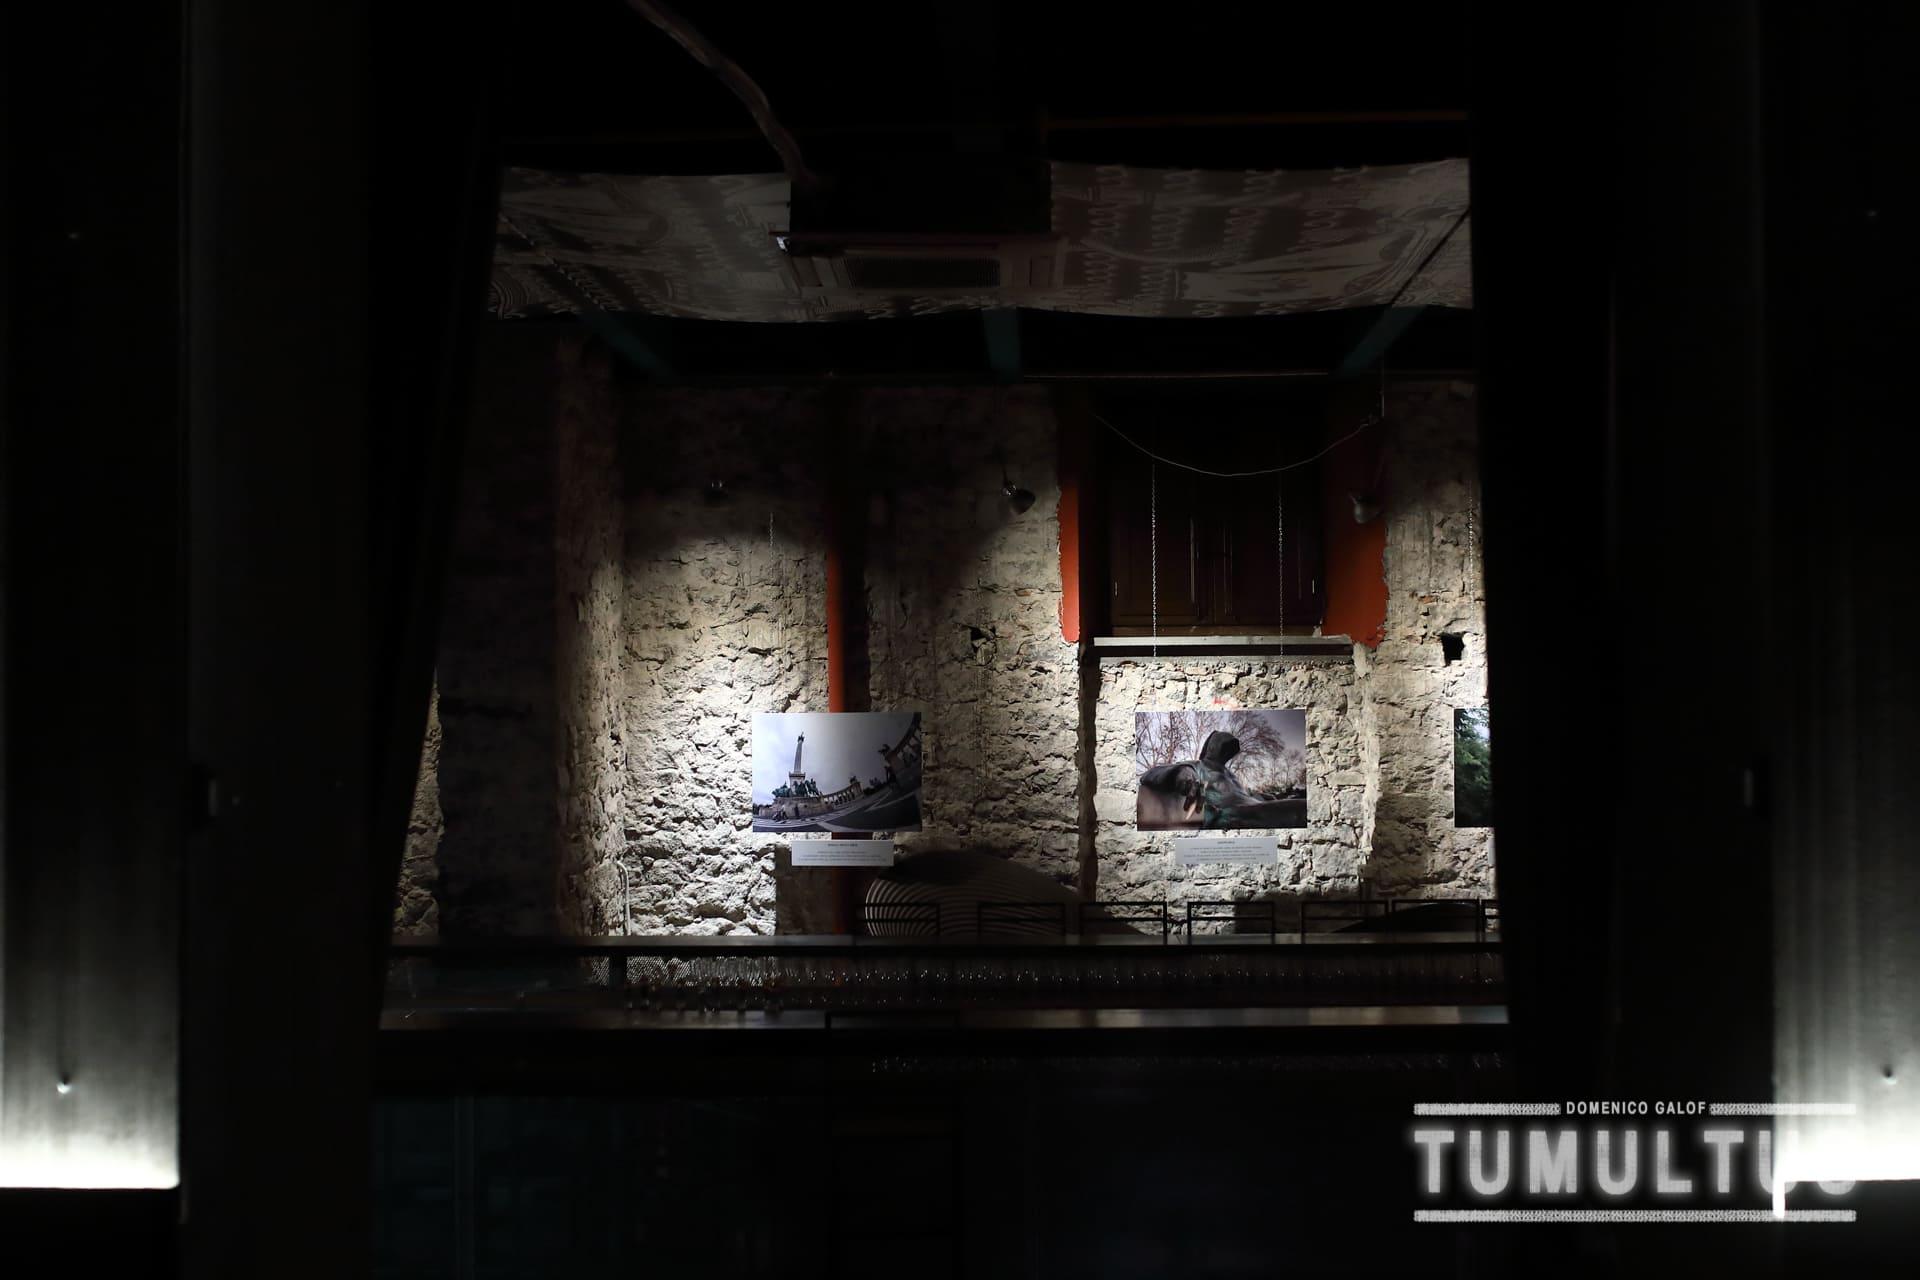 L'Origine di Tumultus (12)